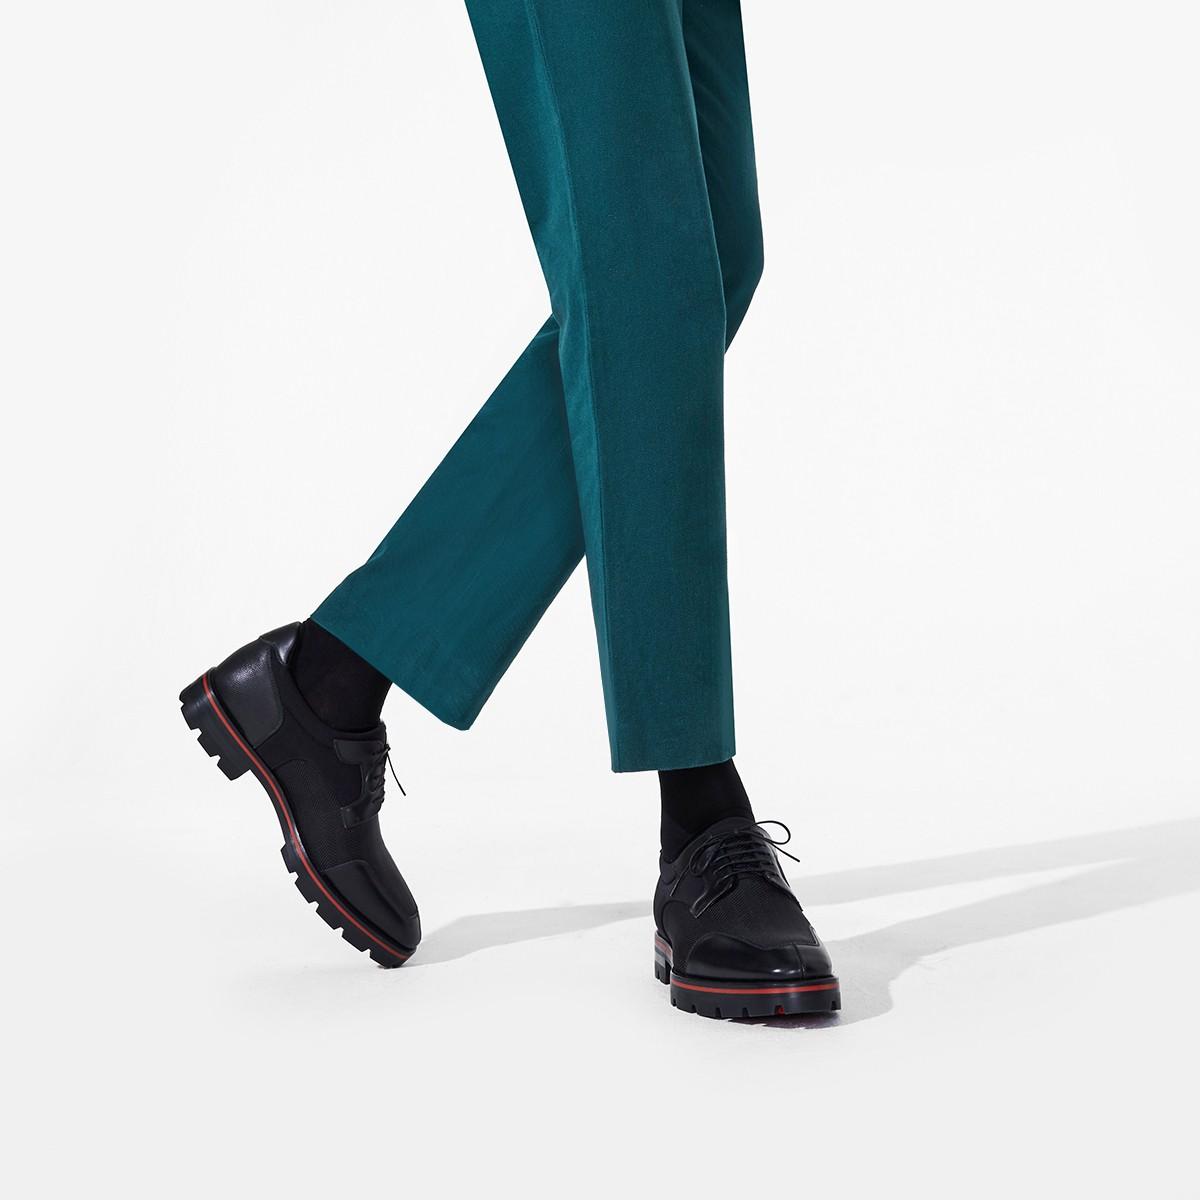 SIMON FLAT BLACK FABRIC - Men Shoes